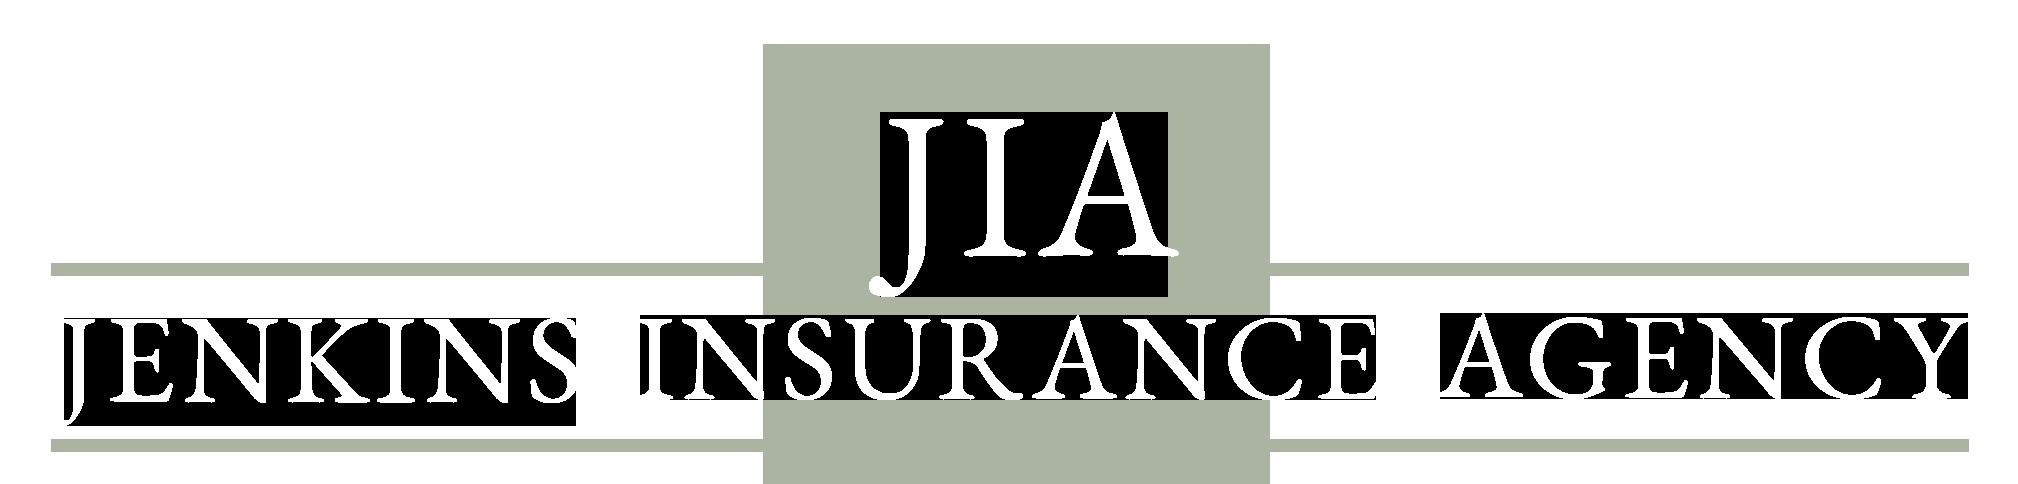 Jenkins Insurance Agency